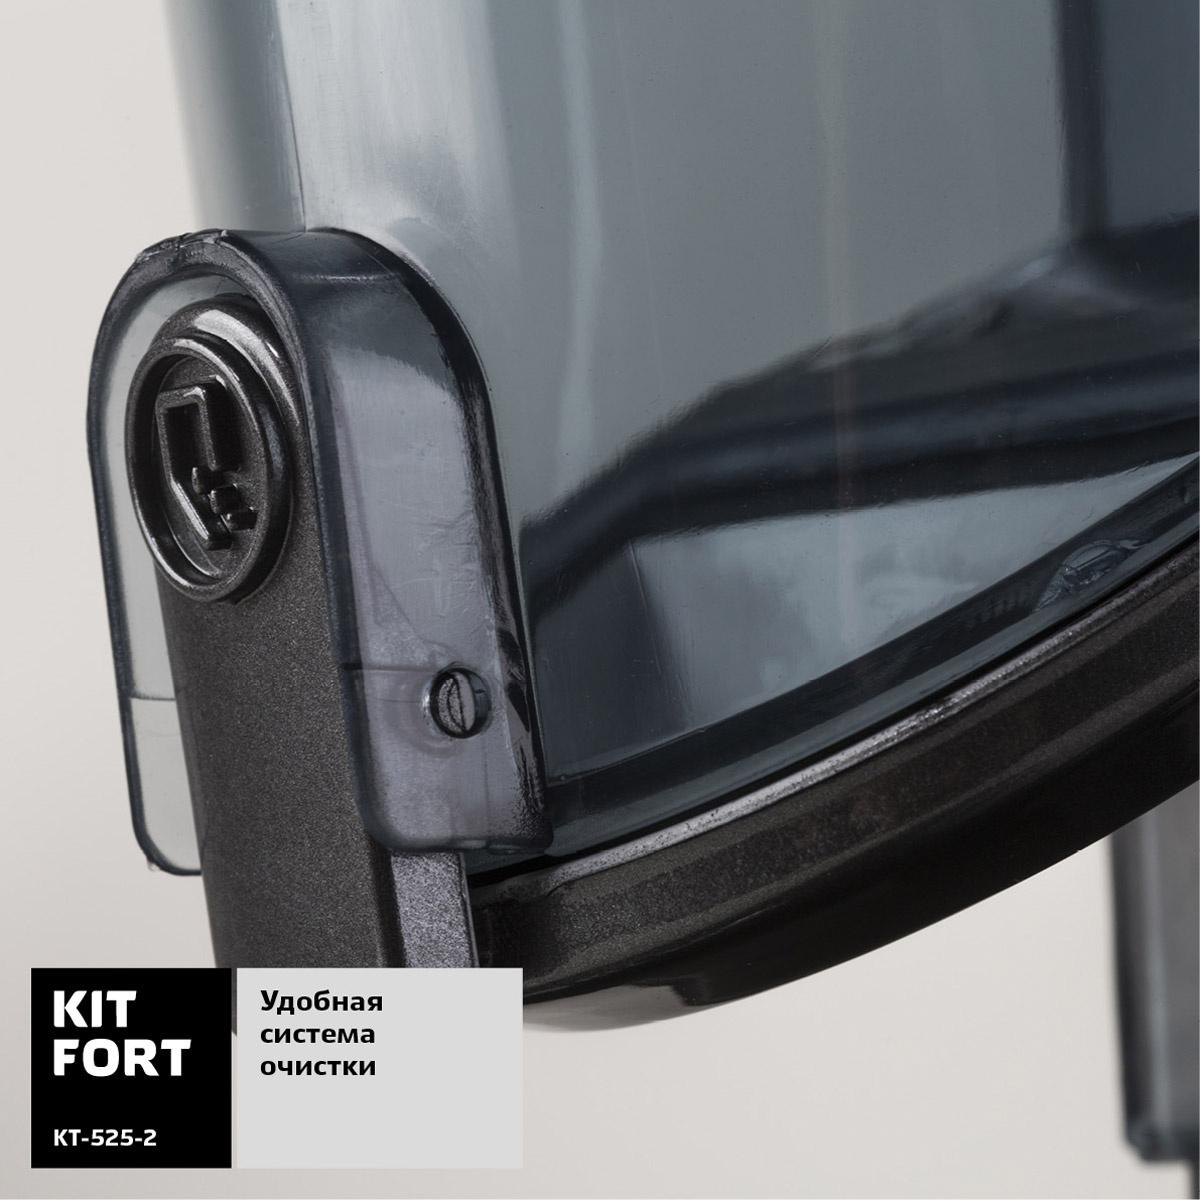 Пылесос Kitfort KT-525-2 (серый)